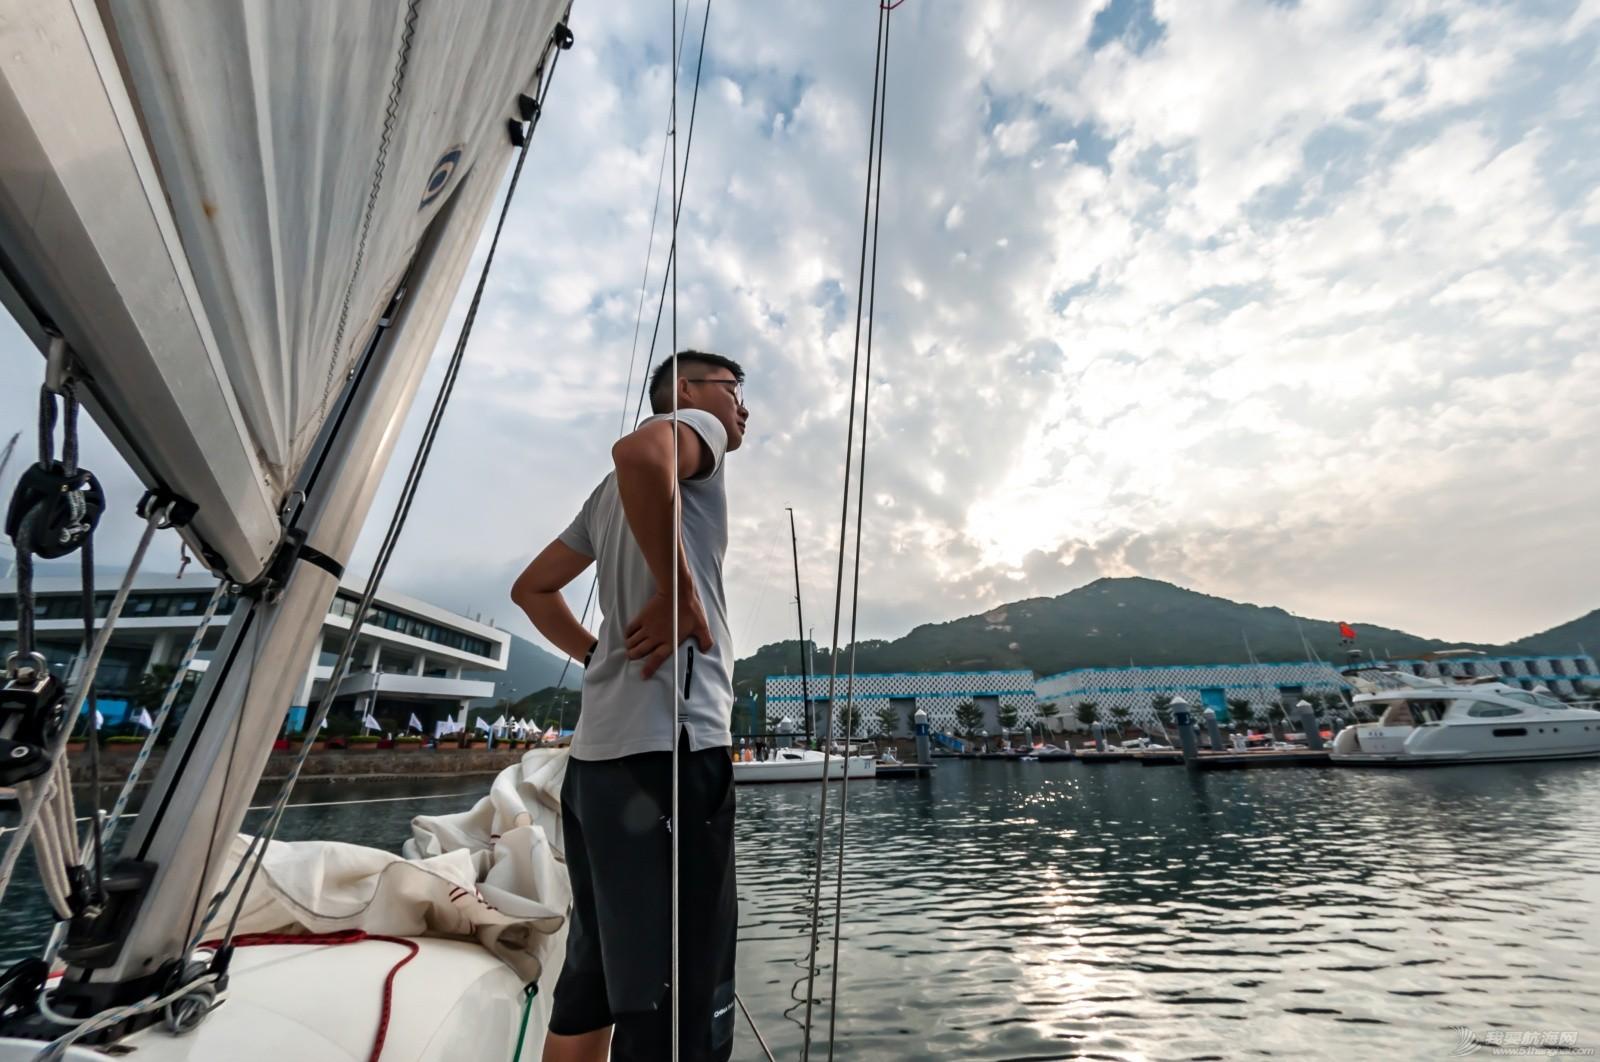 帆船 【2015大鹏杯帆船赛】鱼眼看航海 16052.jpg